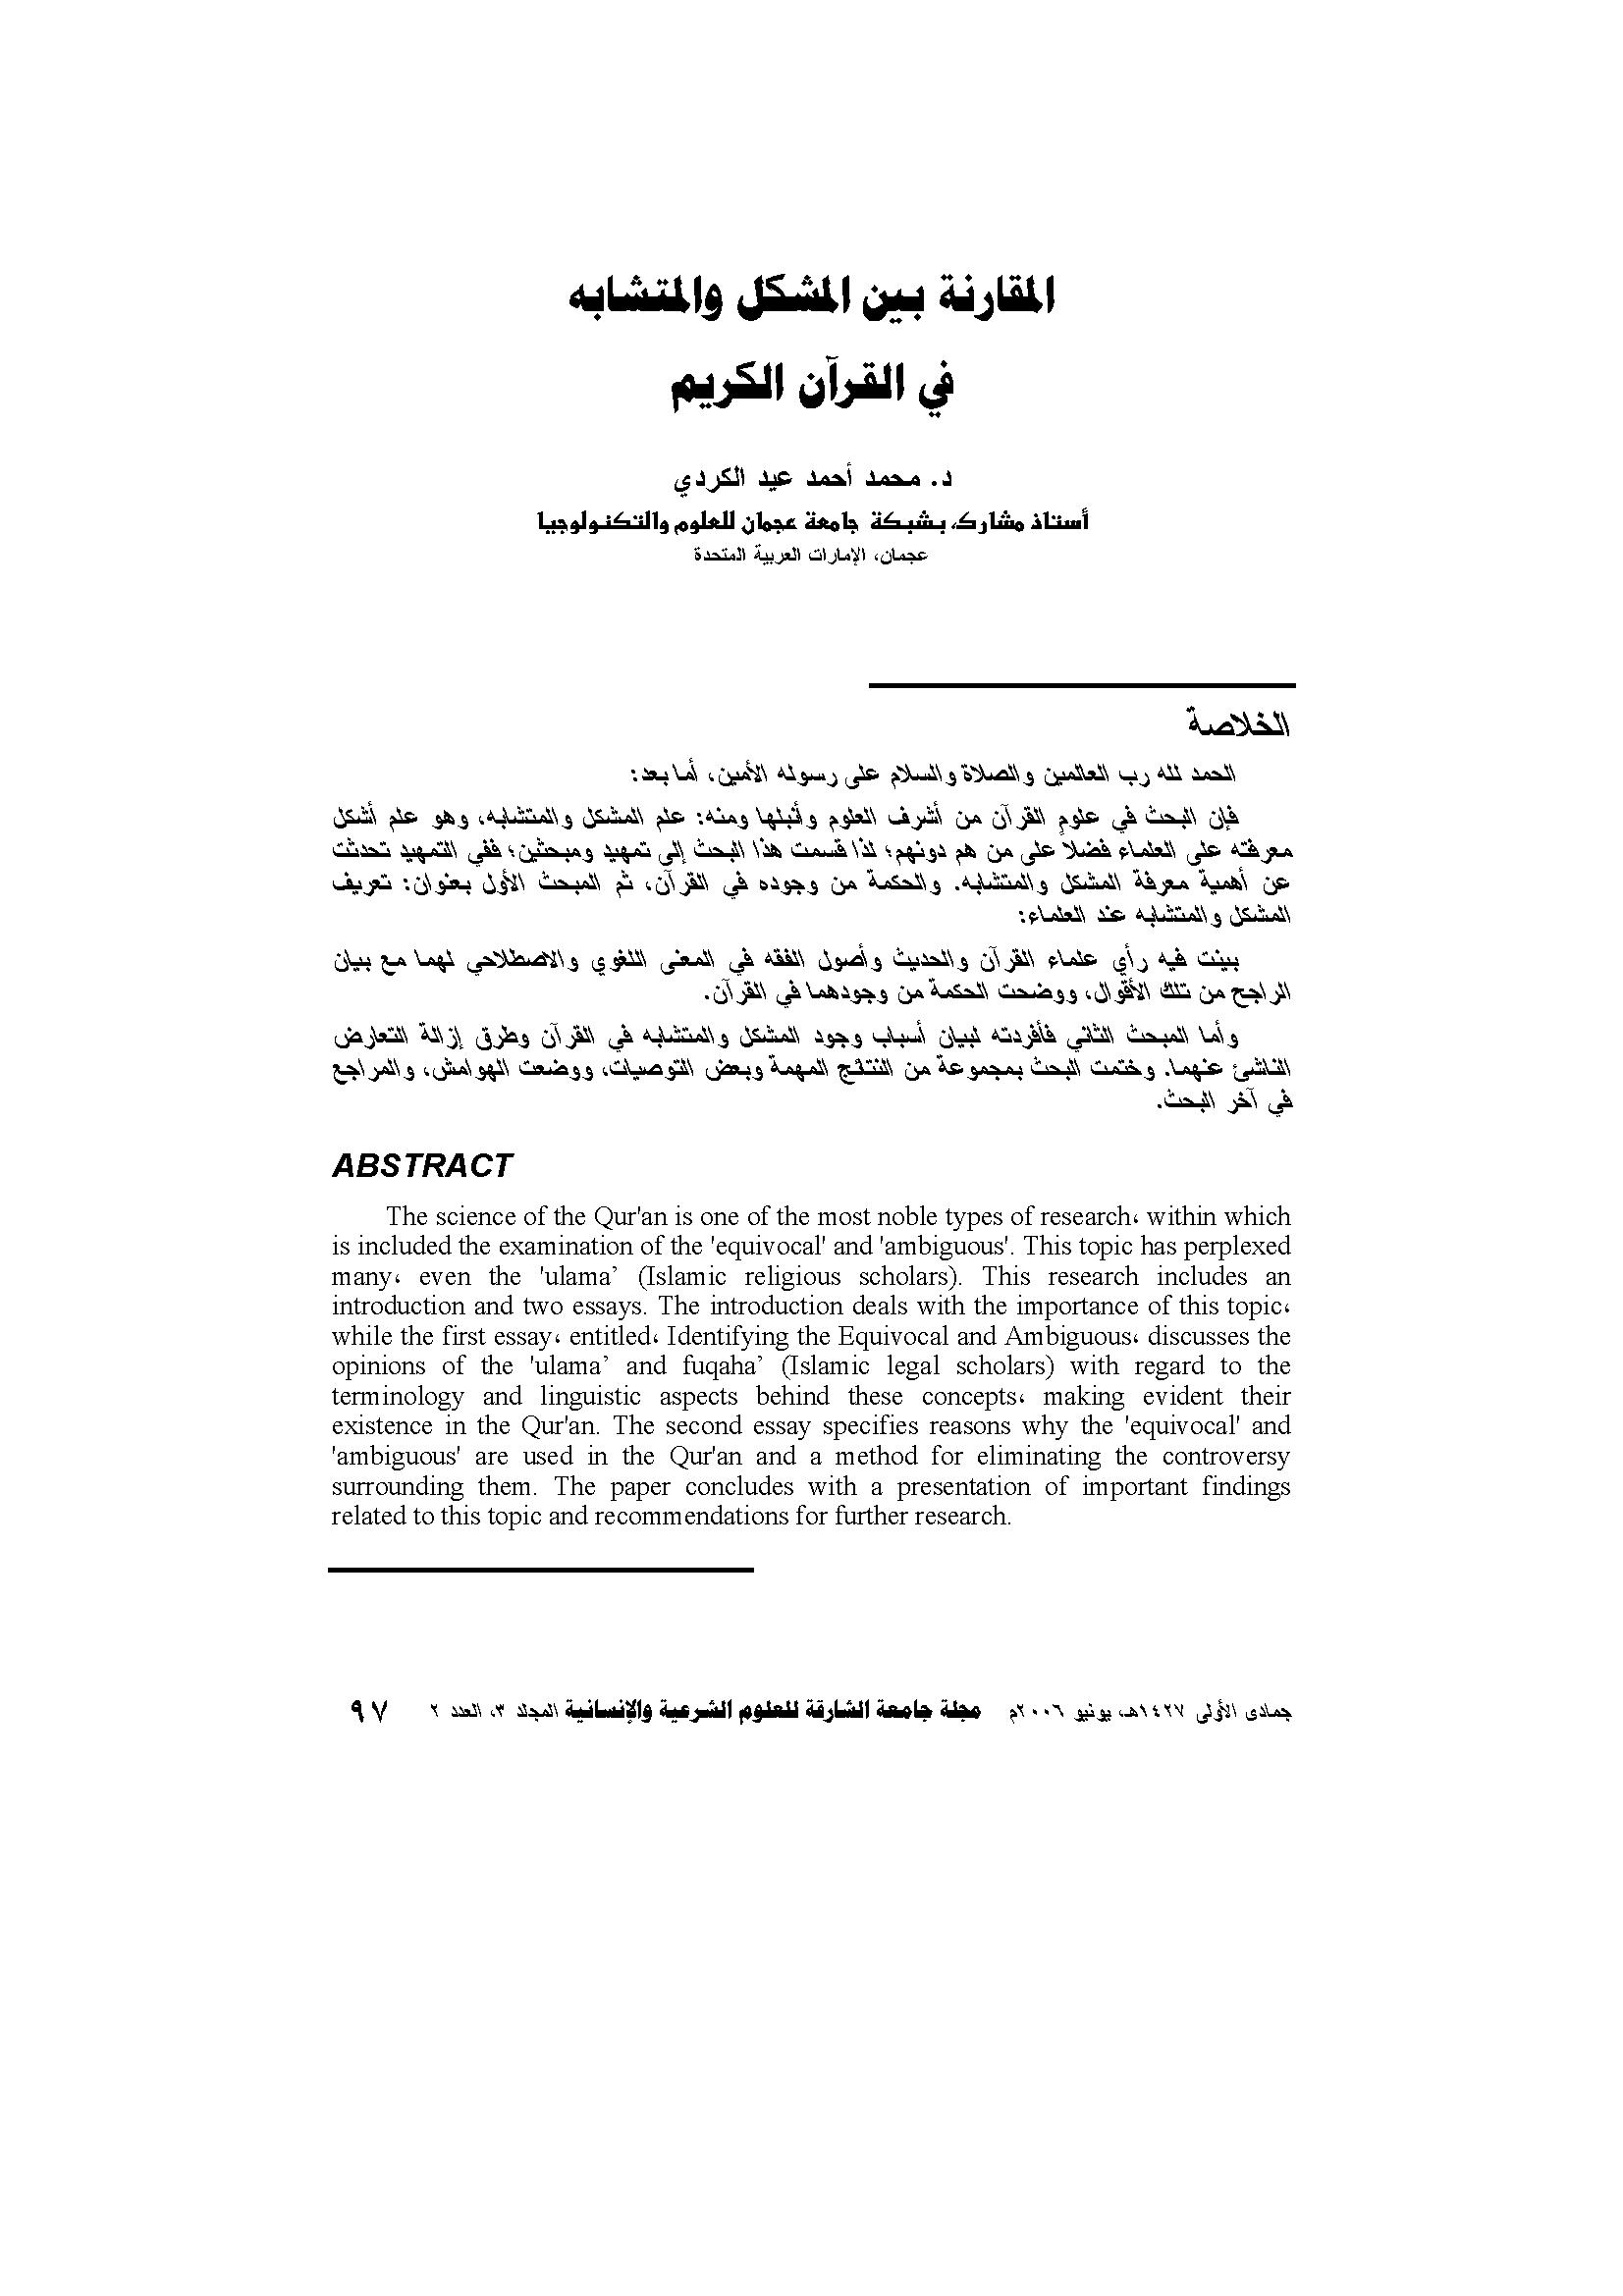 تحميل كتاب المقارنة بين المشكل والمتشابه في القرآن الكريم لـِ: الدكتور محمد أحمد عيد الكردي